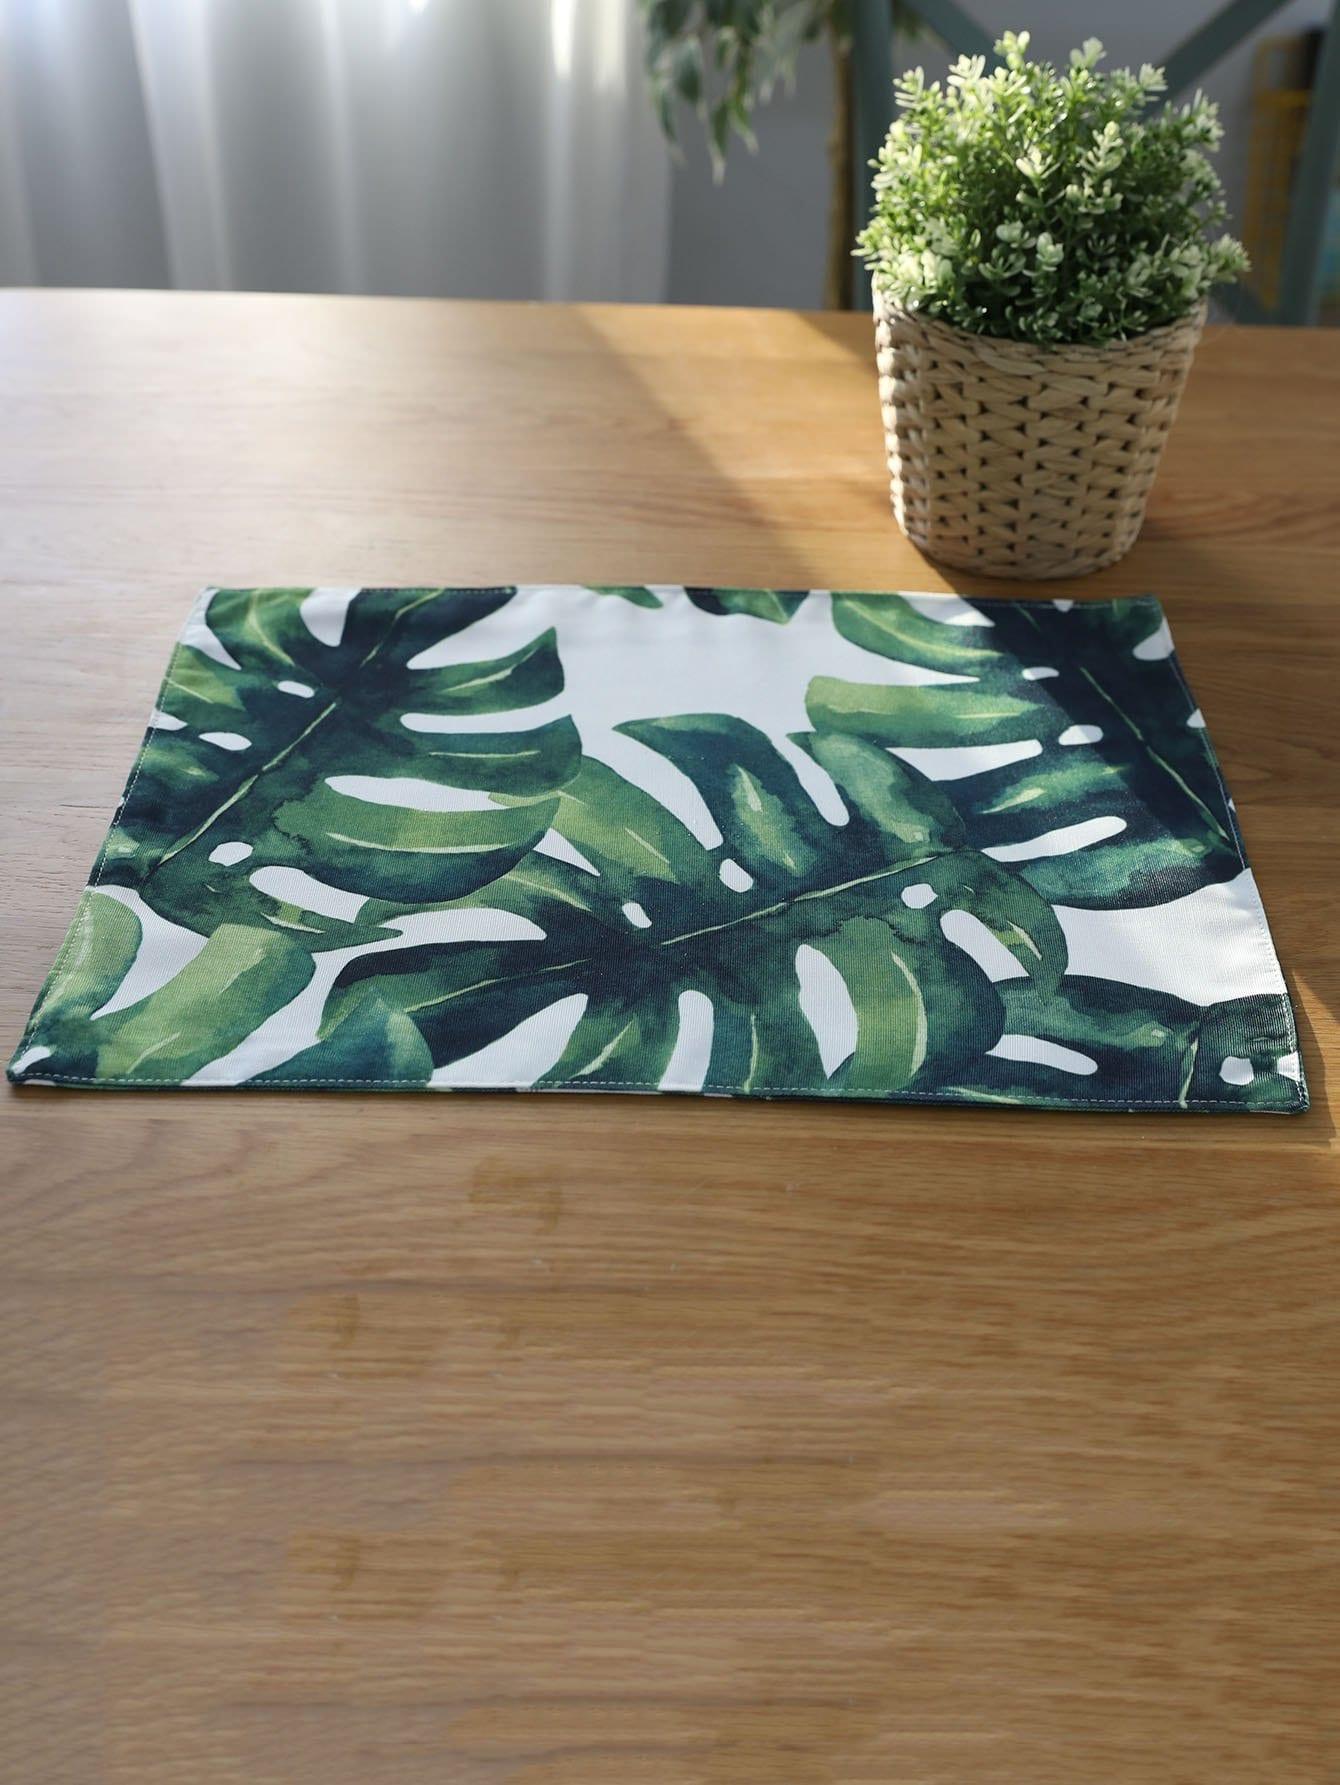 Купить Подстилка из ткани для сервировки стола пальма, null, SheIn